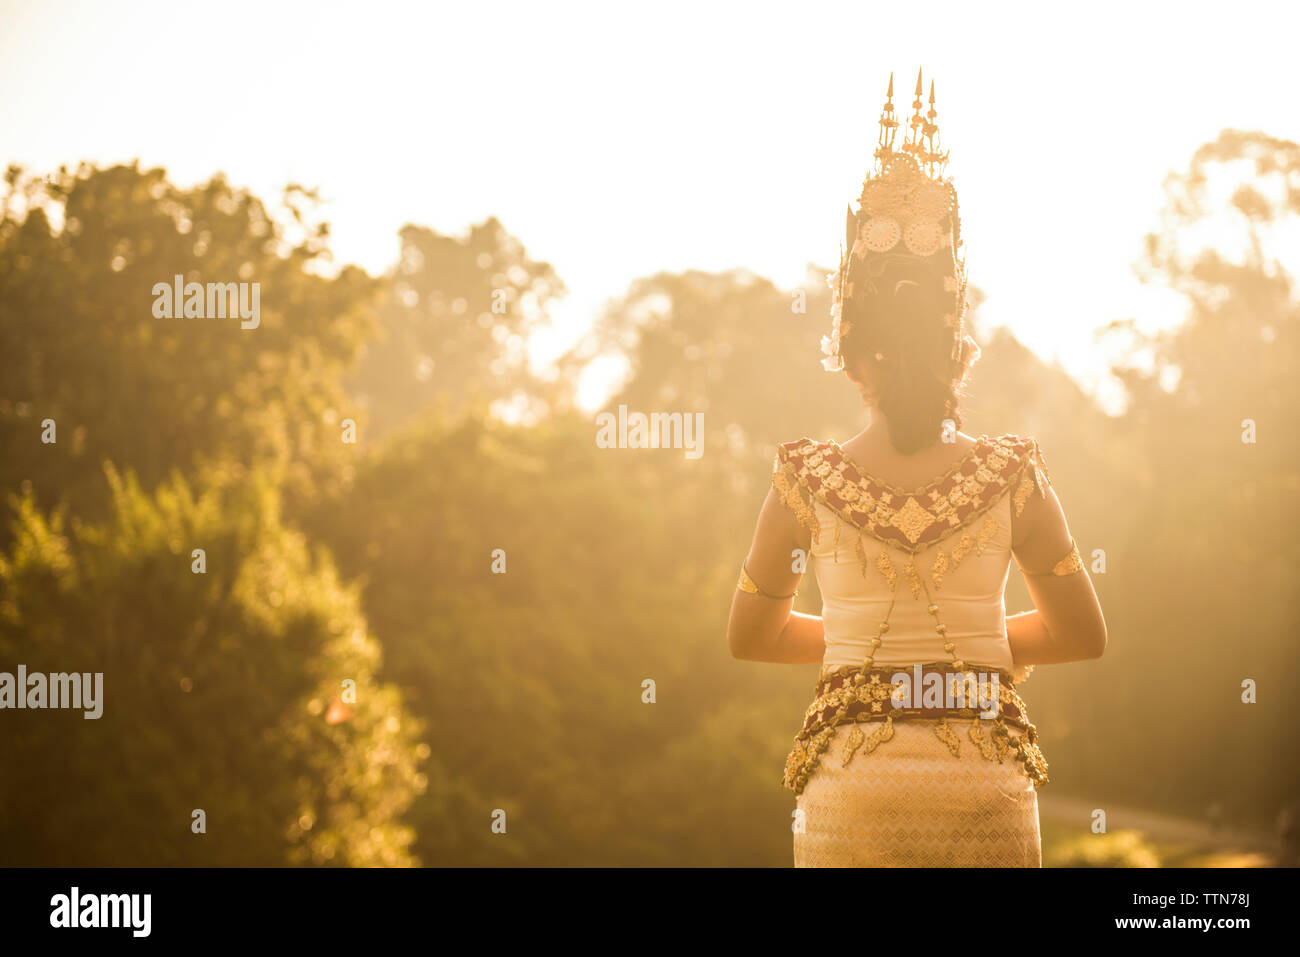 Vista trasera de la mujer en ropa tradicional contra árboles permanente Imagen De Stock